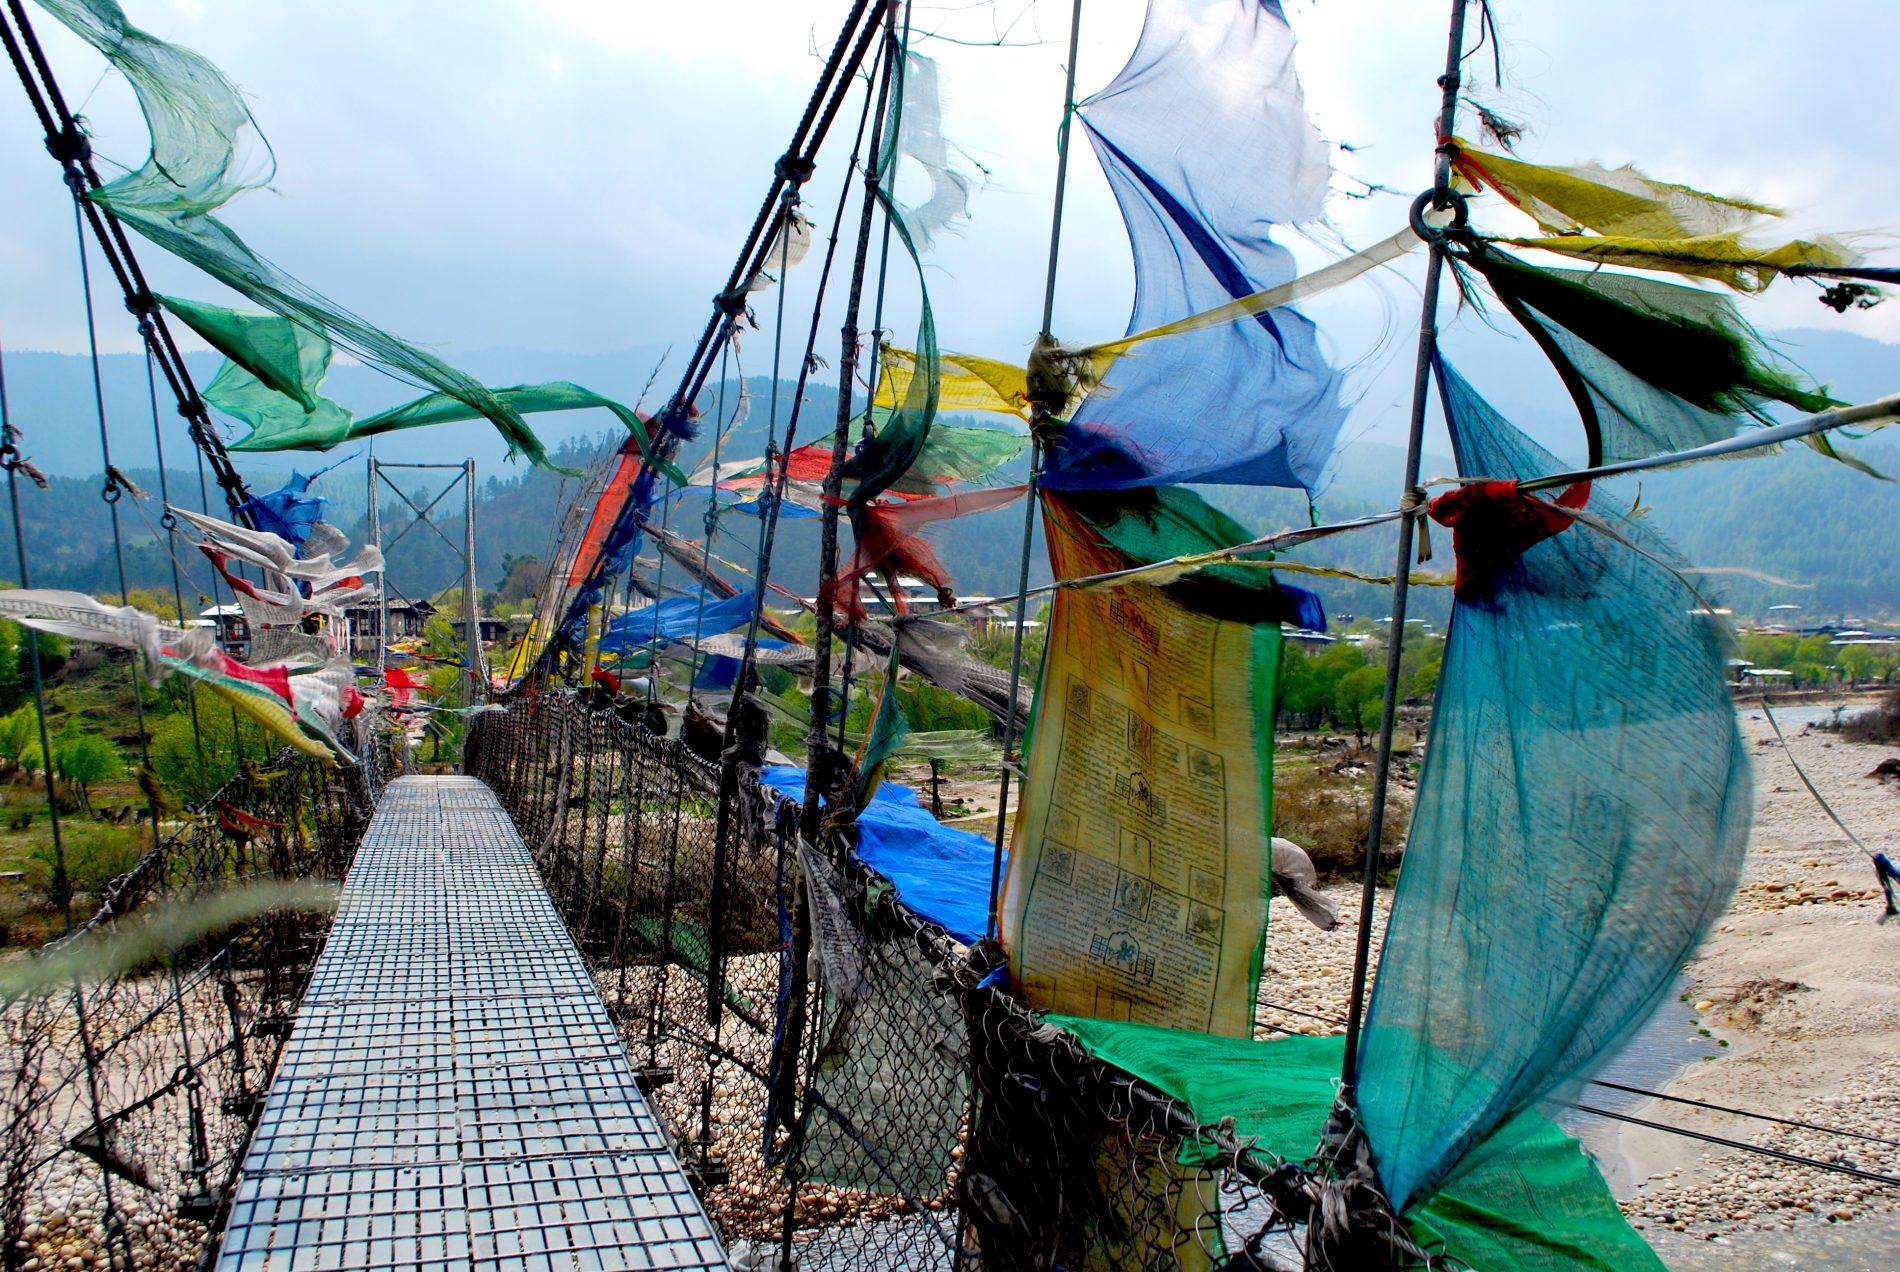 Em um passeio de bicicleta, hóspedes do Amankora atravessam ponte que dá acesso ao Templo Jamba Lhakhang